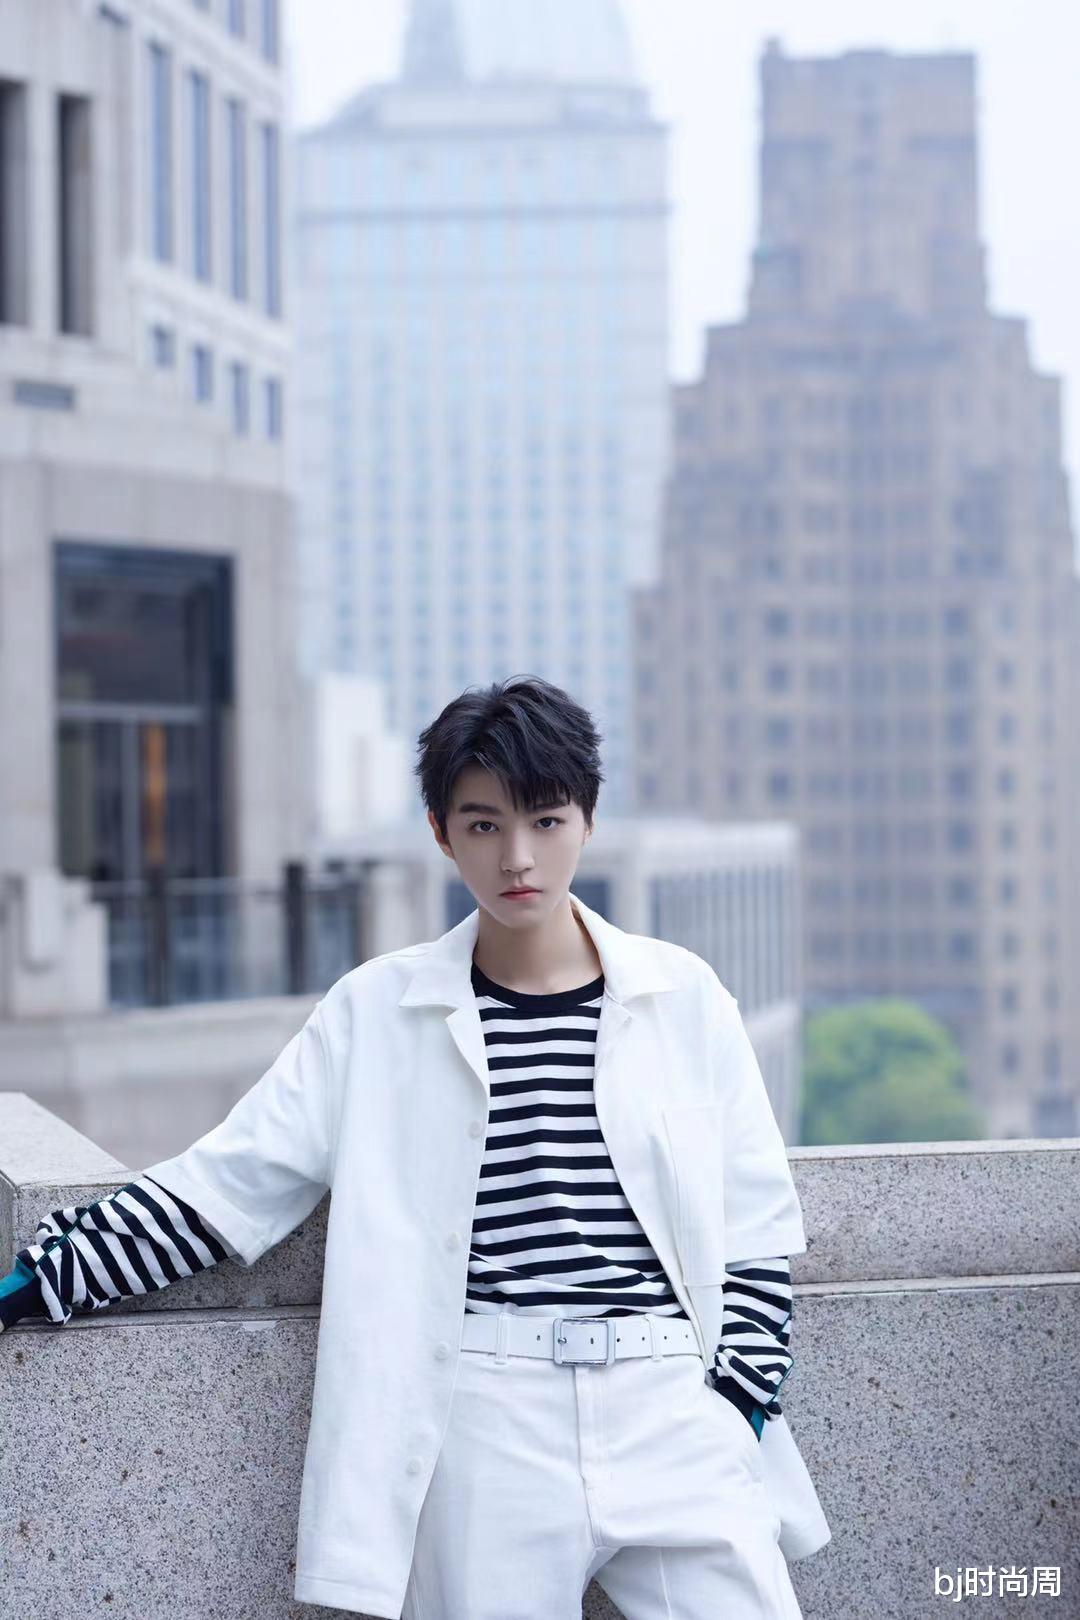 王俊凯挺会穿,条纹t恤+白色衬衫,很有阳光大男孩风格